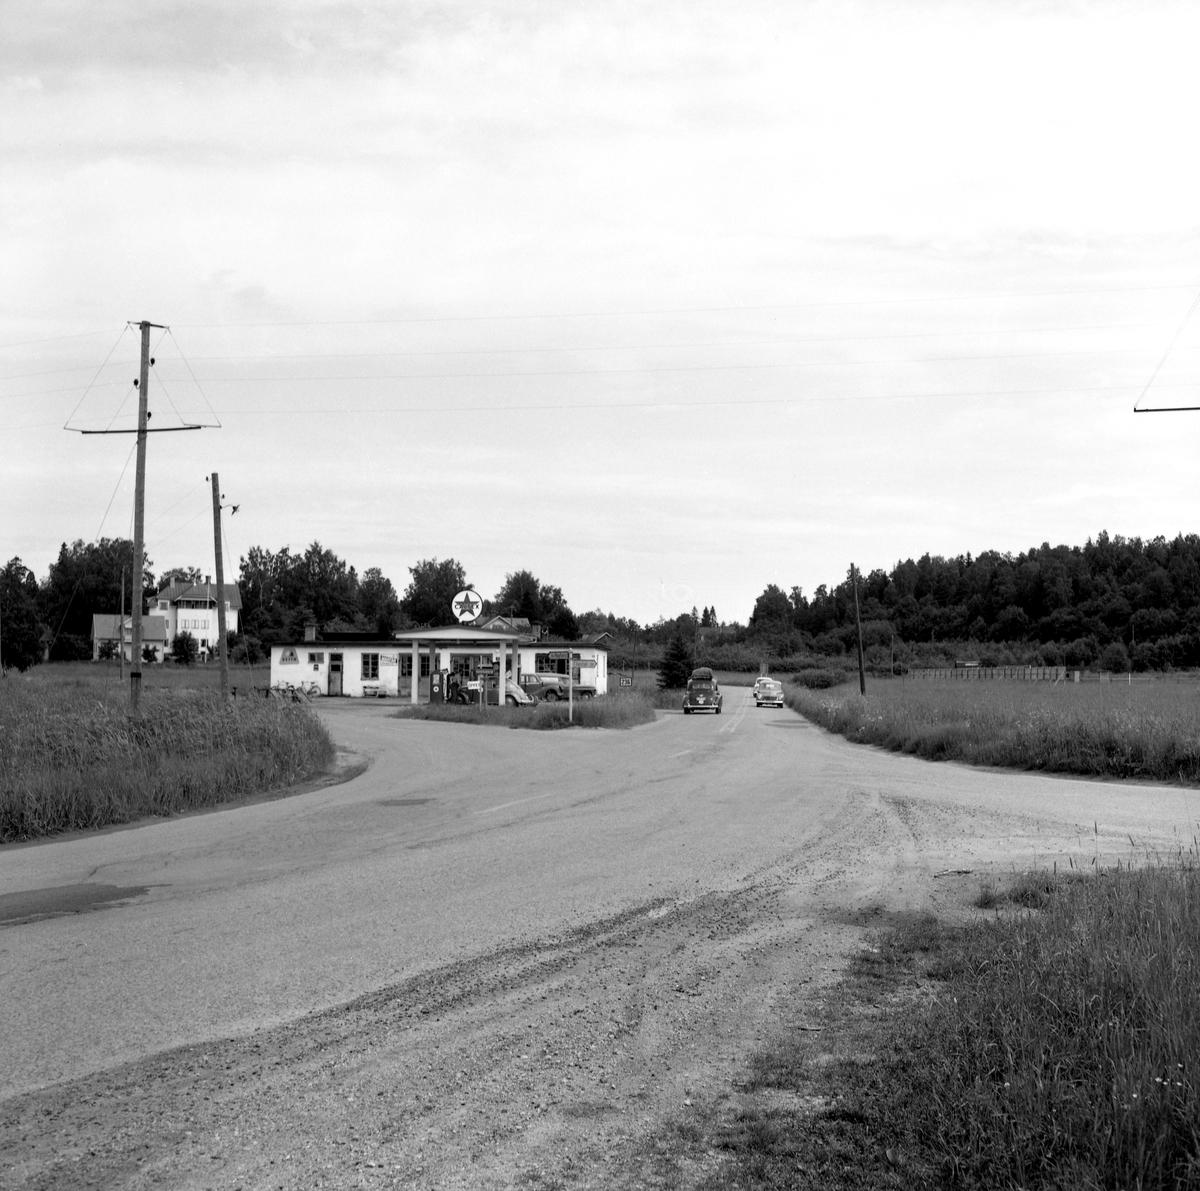 """Någonstans i Värmland - från slutet av 1950-talet. Kommentar från användare: """"Caltex-macken i vägkorset Karlstad-Hagfors-Filipstad i Molkom""""."""